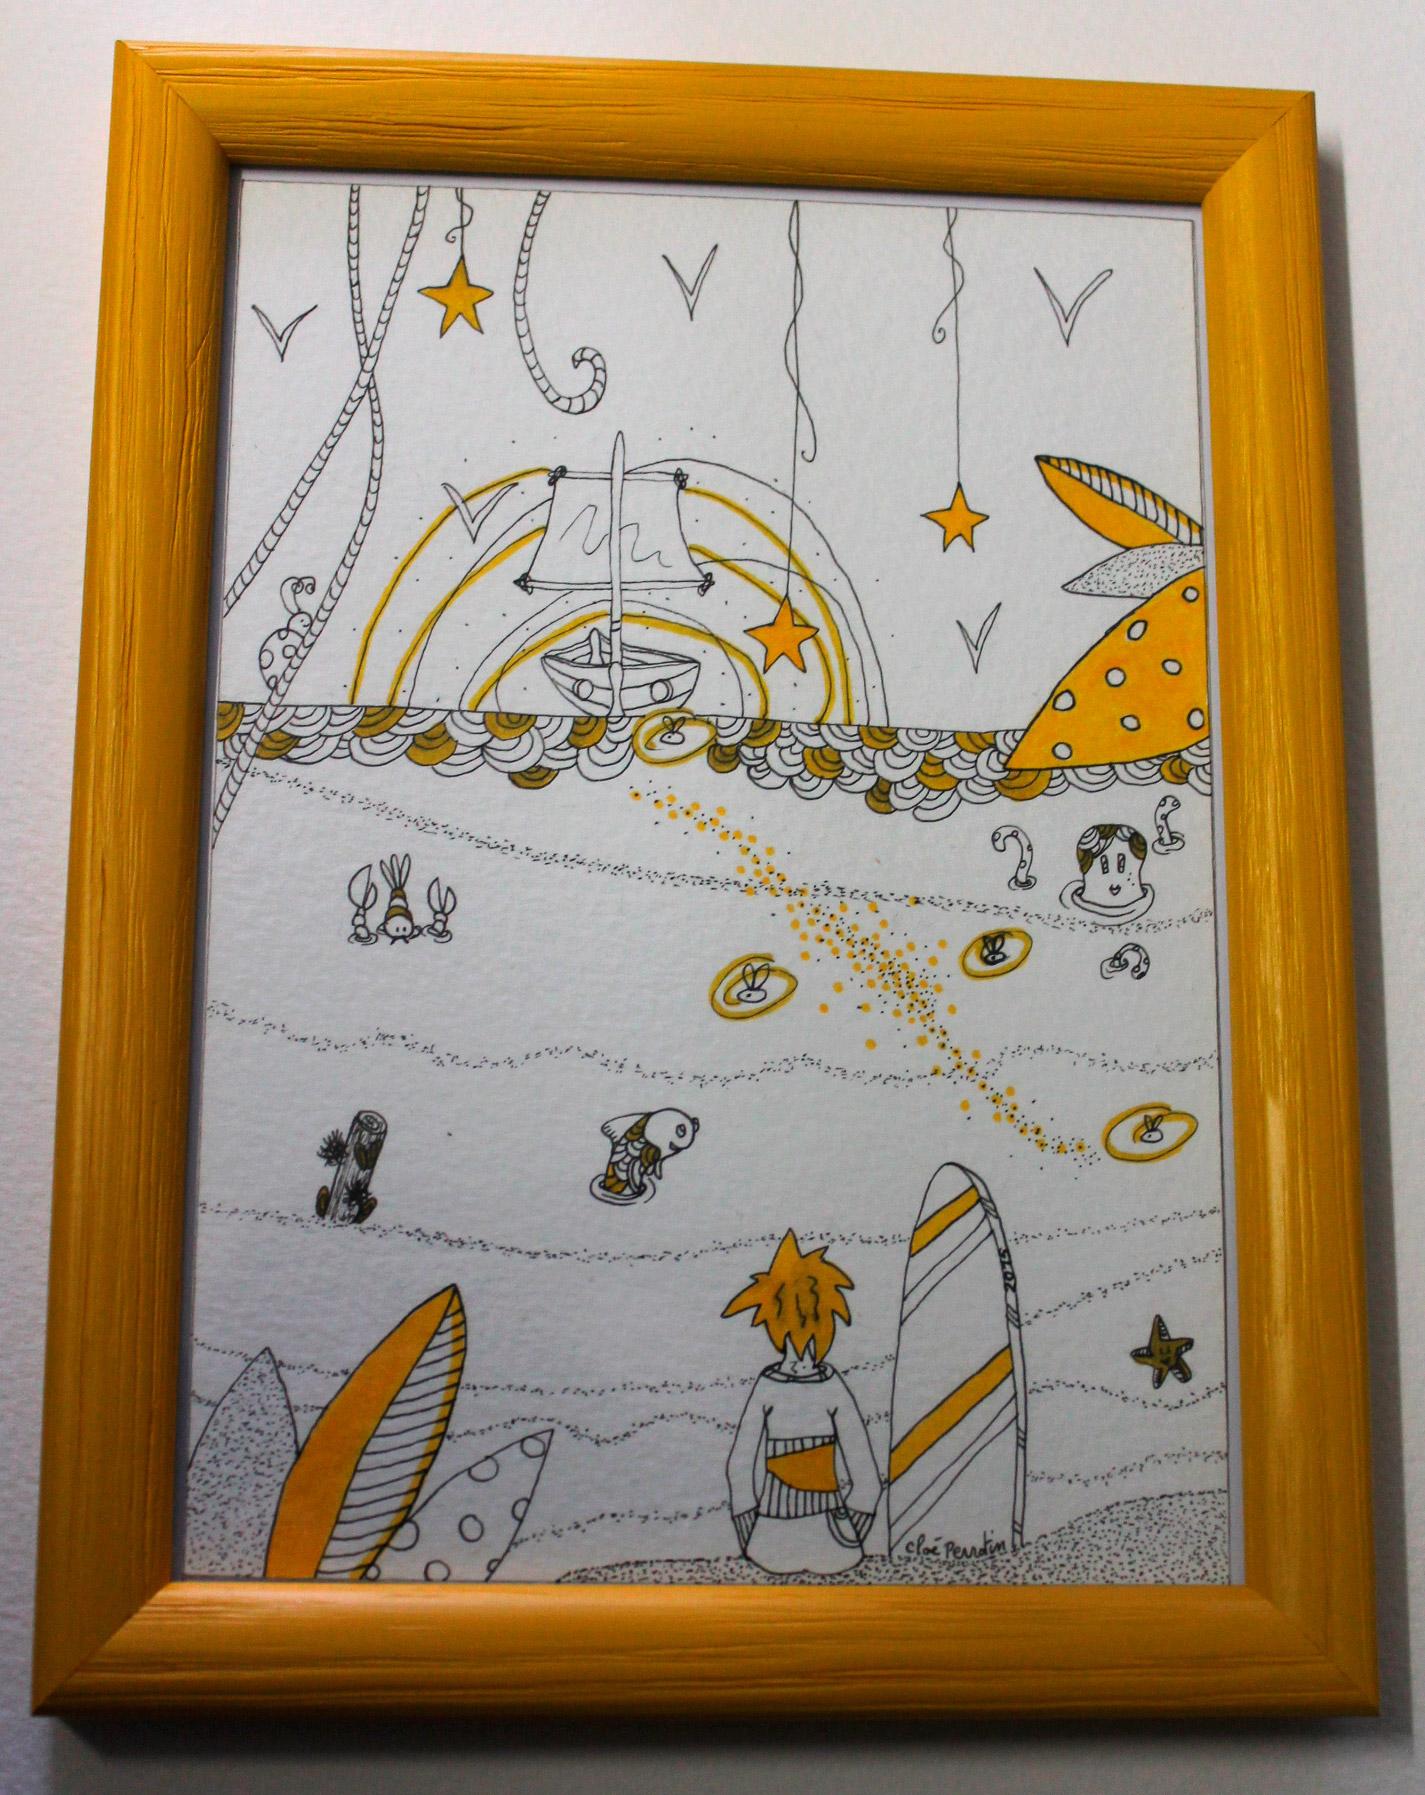 """Illustration pour l'association """"Rêves d'Enfants"""" par Cloé Perrotin"""